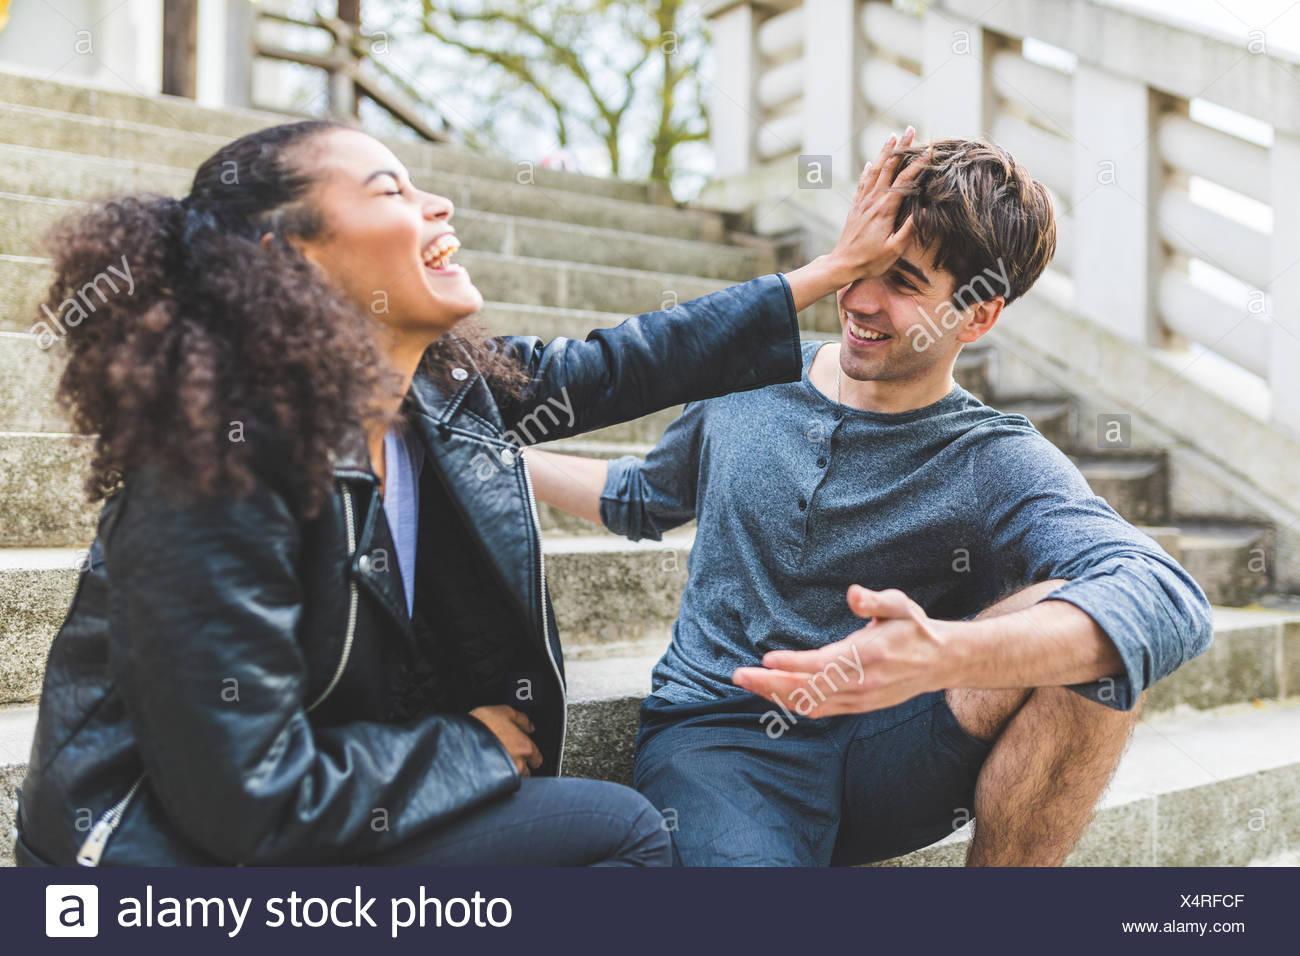 Junge Frau schieben Freund auf der Treppe im Battersea Park Stockbild